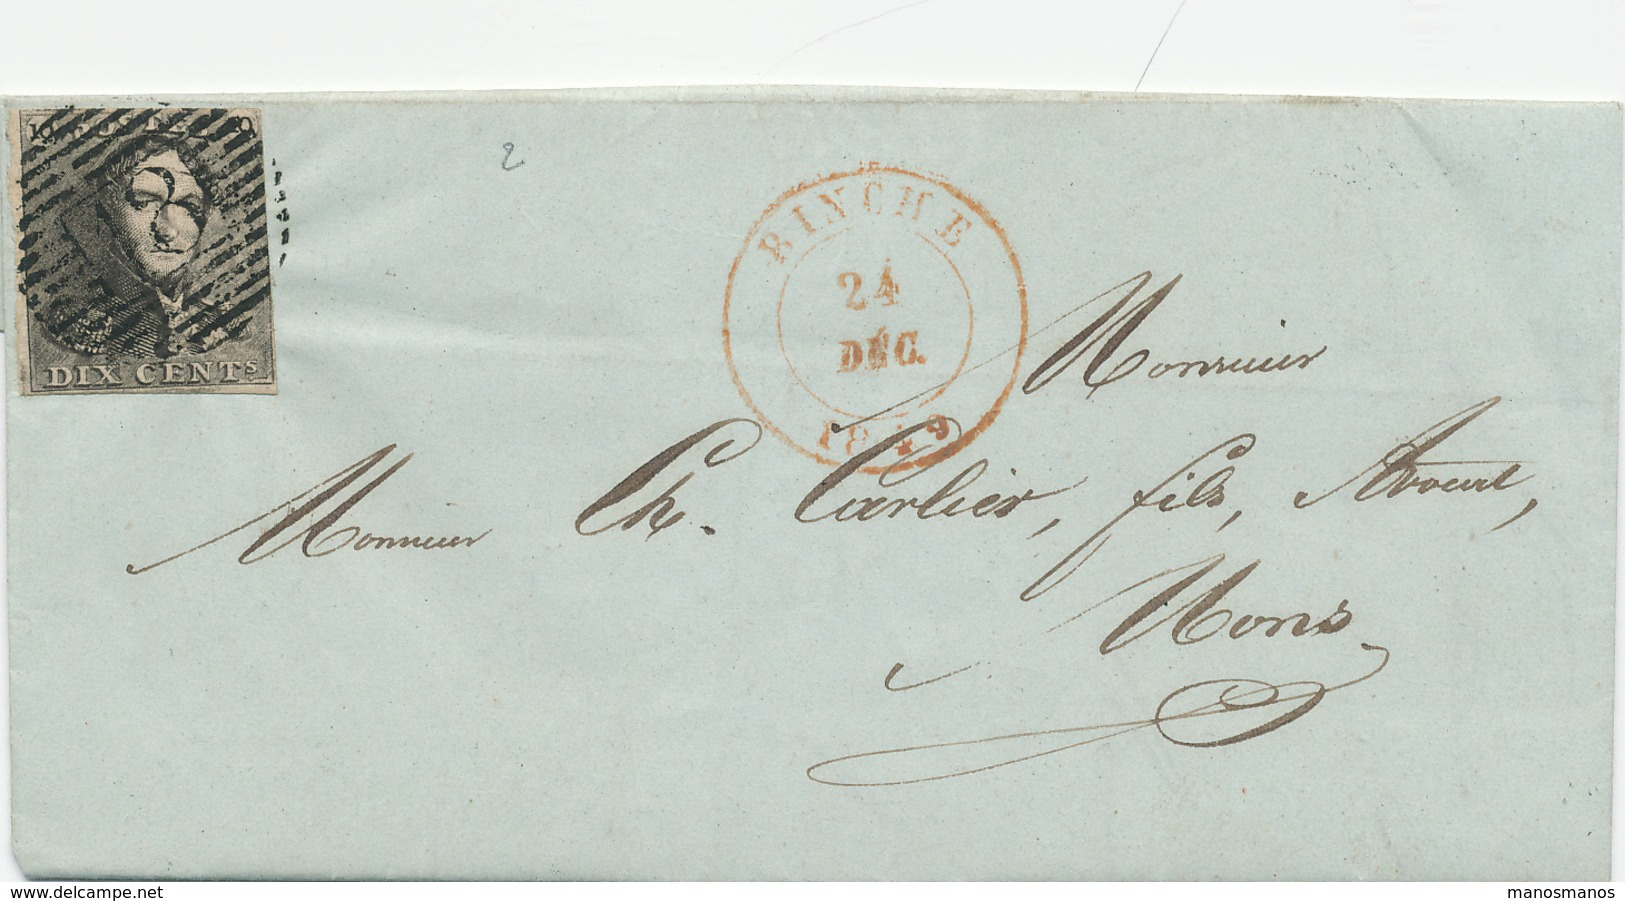 162/25 - Lettre TP Epaulettes No 1 (touché) Barres 18 - BINCHE 1849 Vers MONS - Signé Gaillard - 1849 Epaulettes